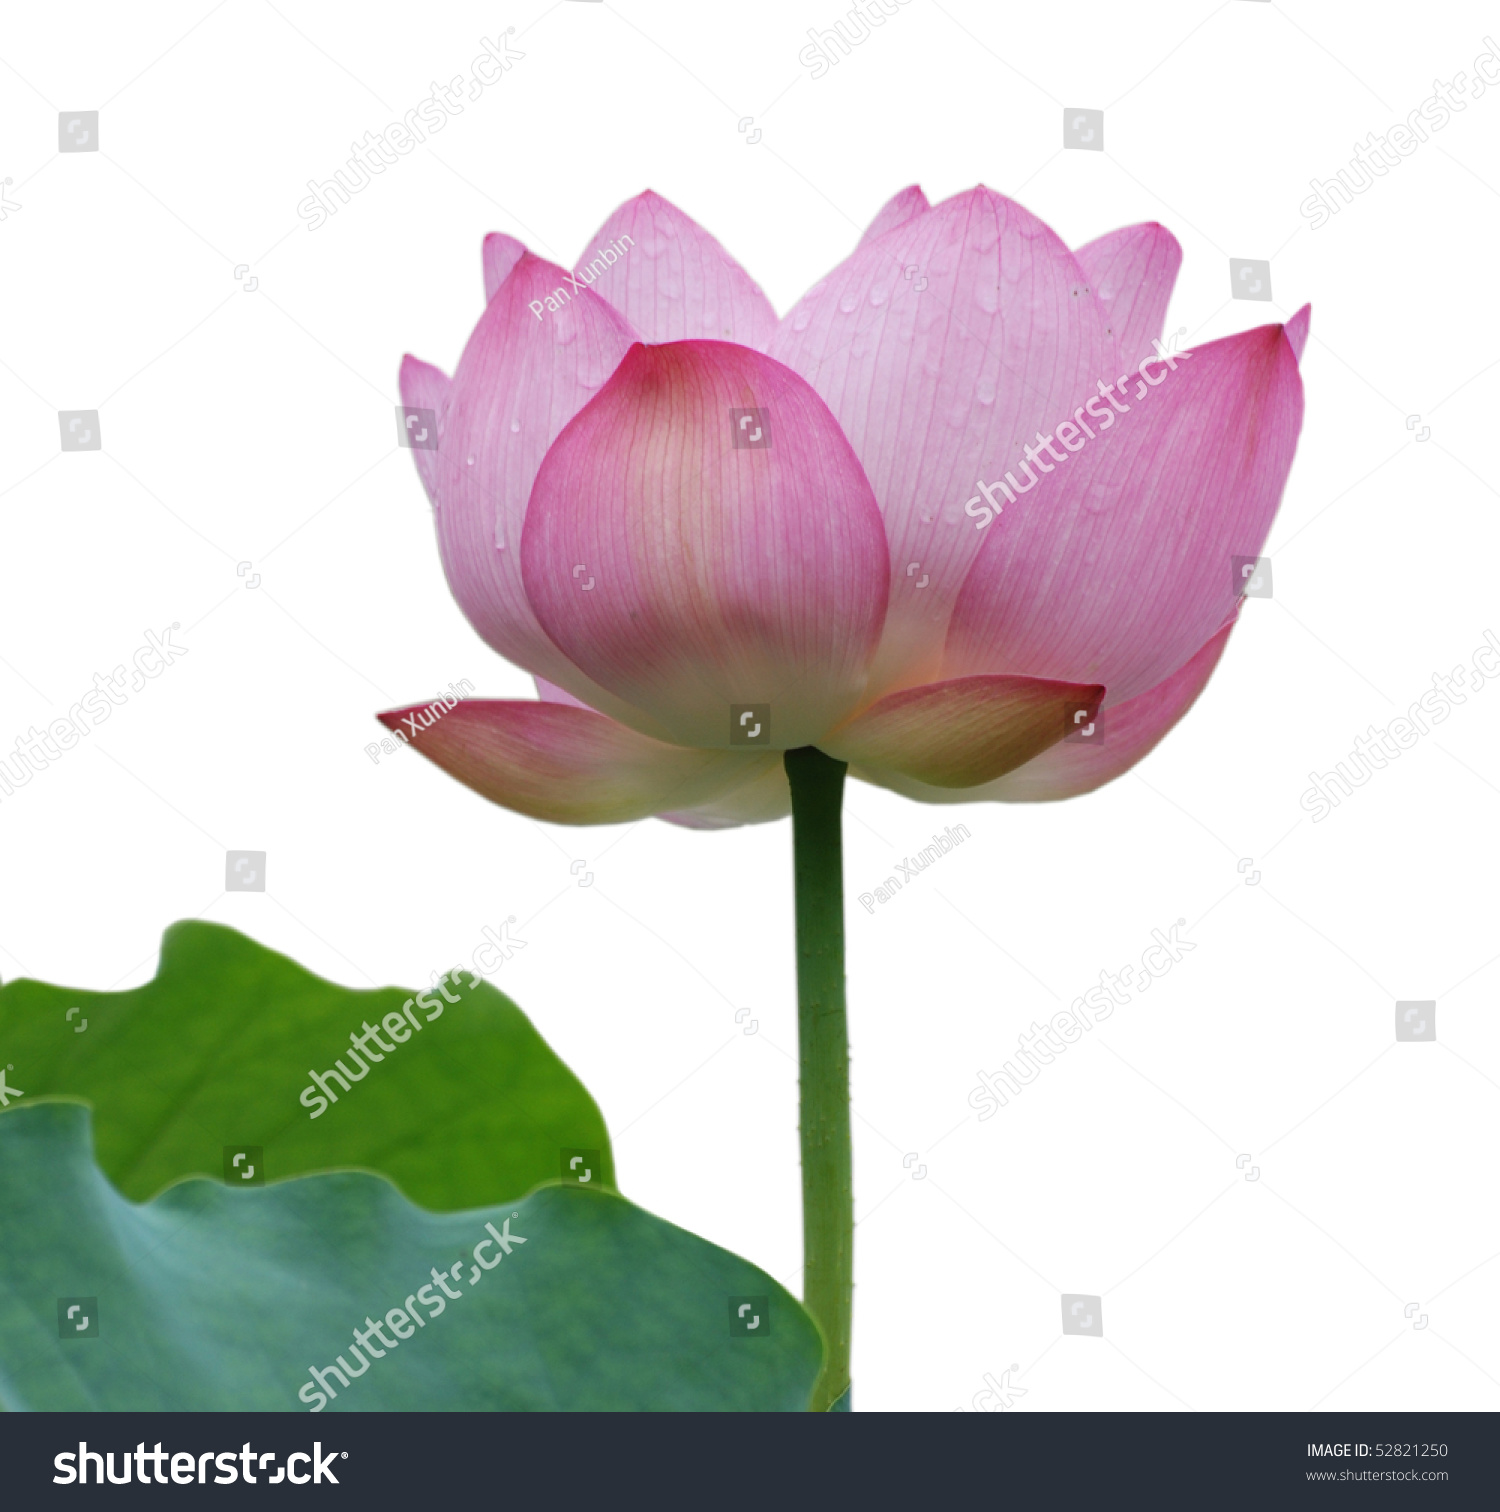 Lotus flower isolated on white background stock photo royalty free lotus flower isolated on white background izmirmasajfo